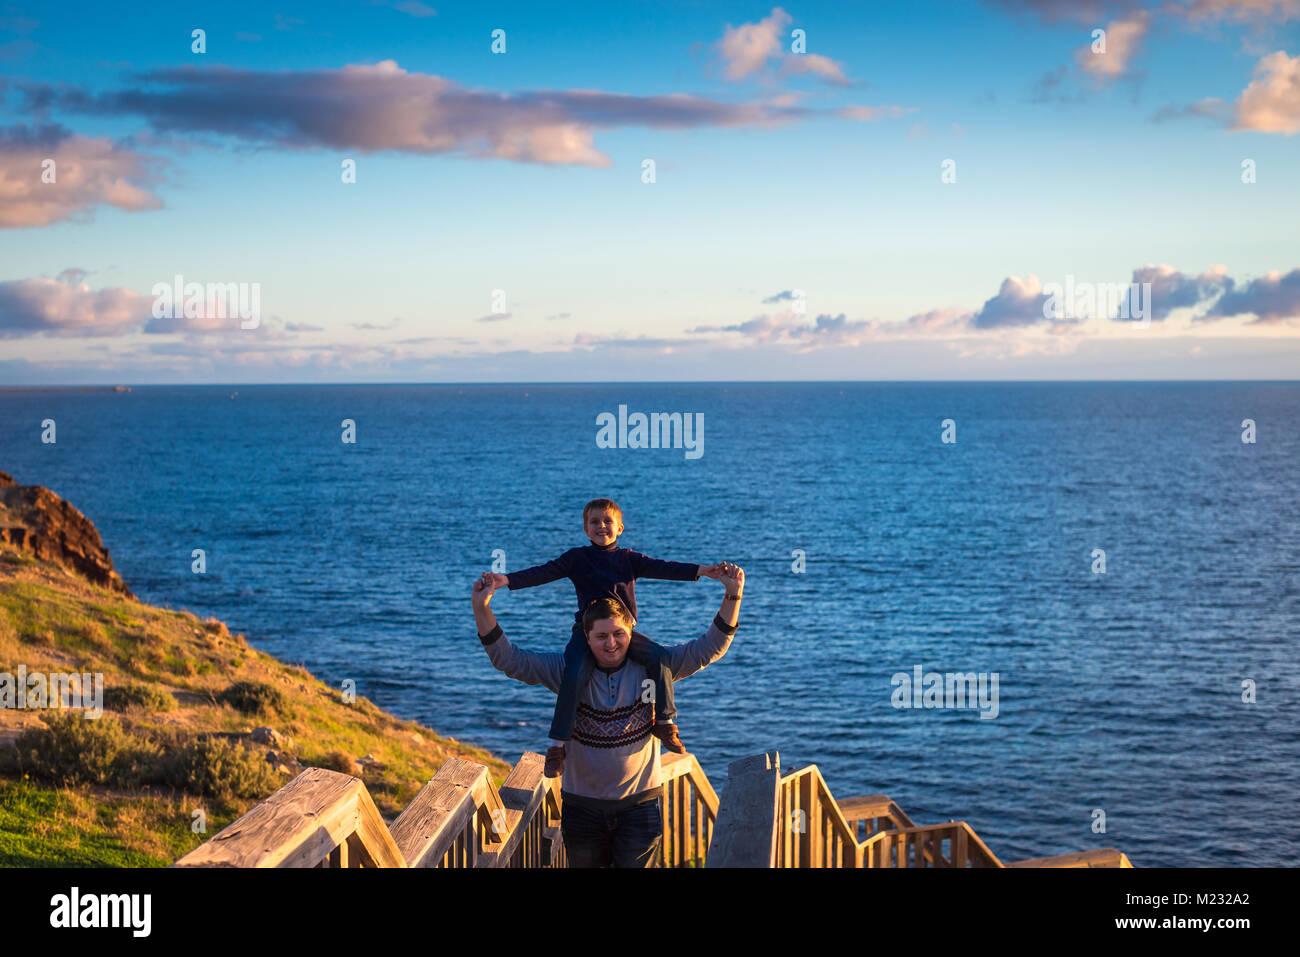 Padre dando su hijo viaje en piggyback Hallett Cove boarwalk mientras disfruta de la puesta de sol, el sur de Australia Imagen De Stock